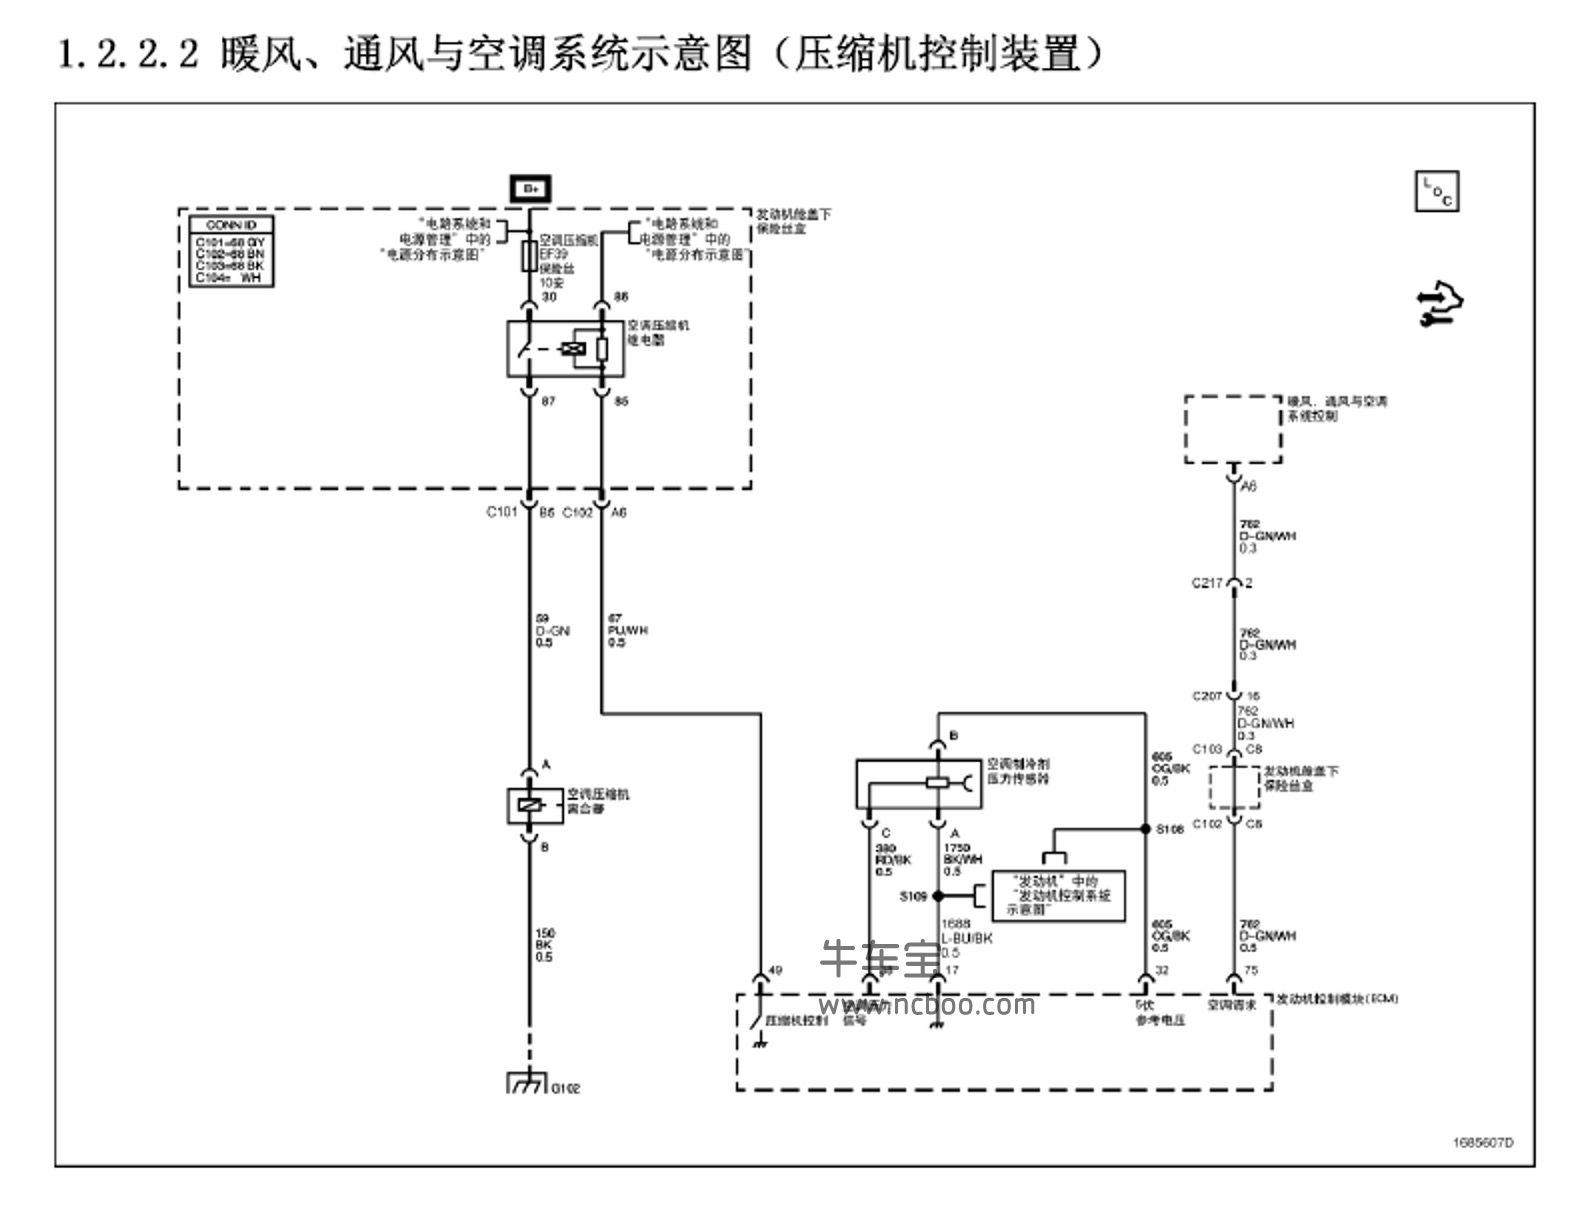 2009款雪佛兰景程原厂电路图手册下载